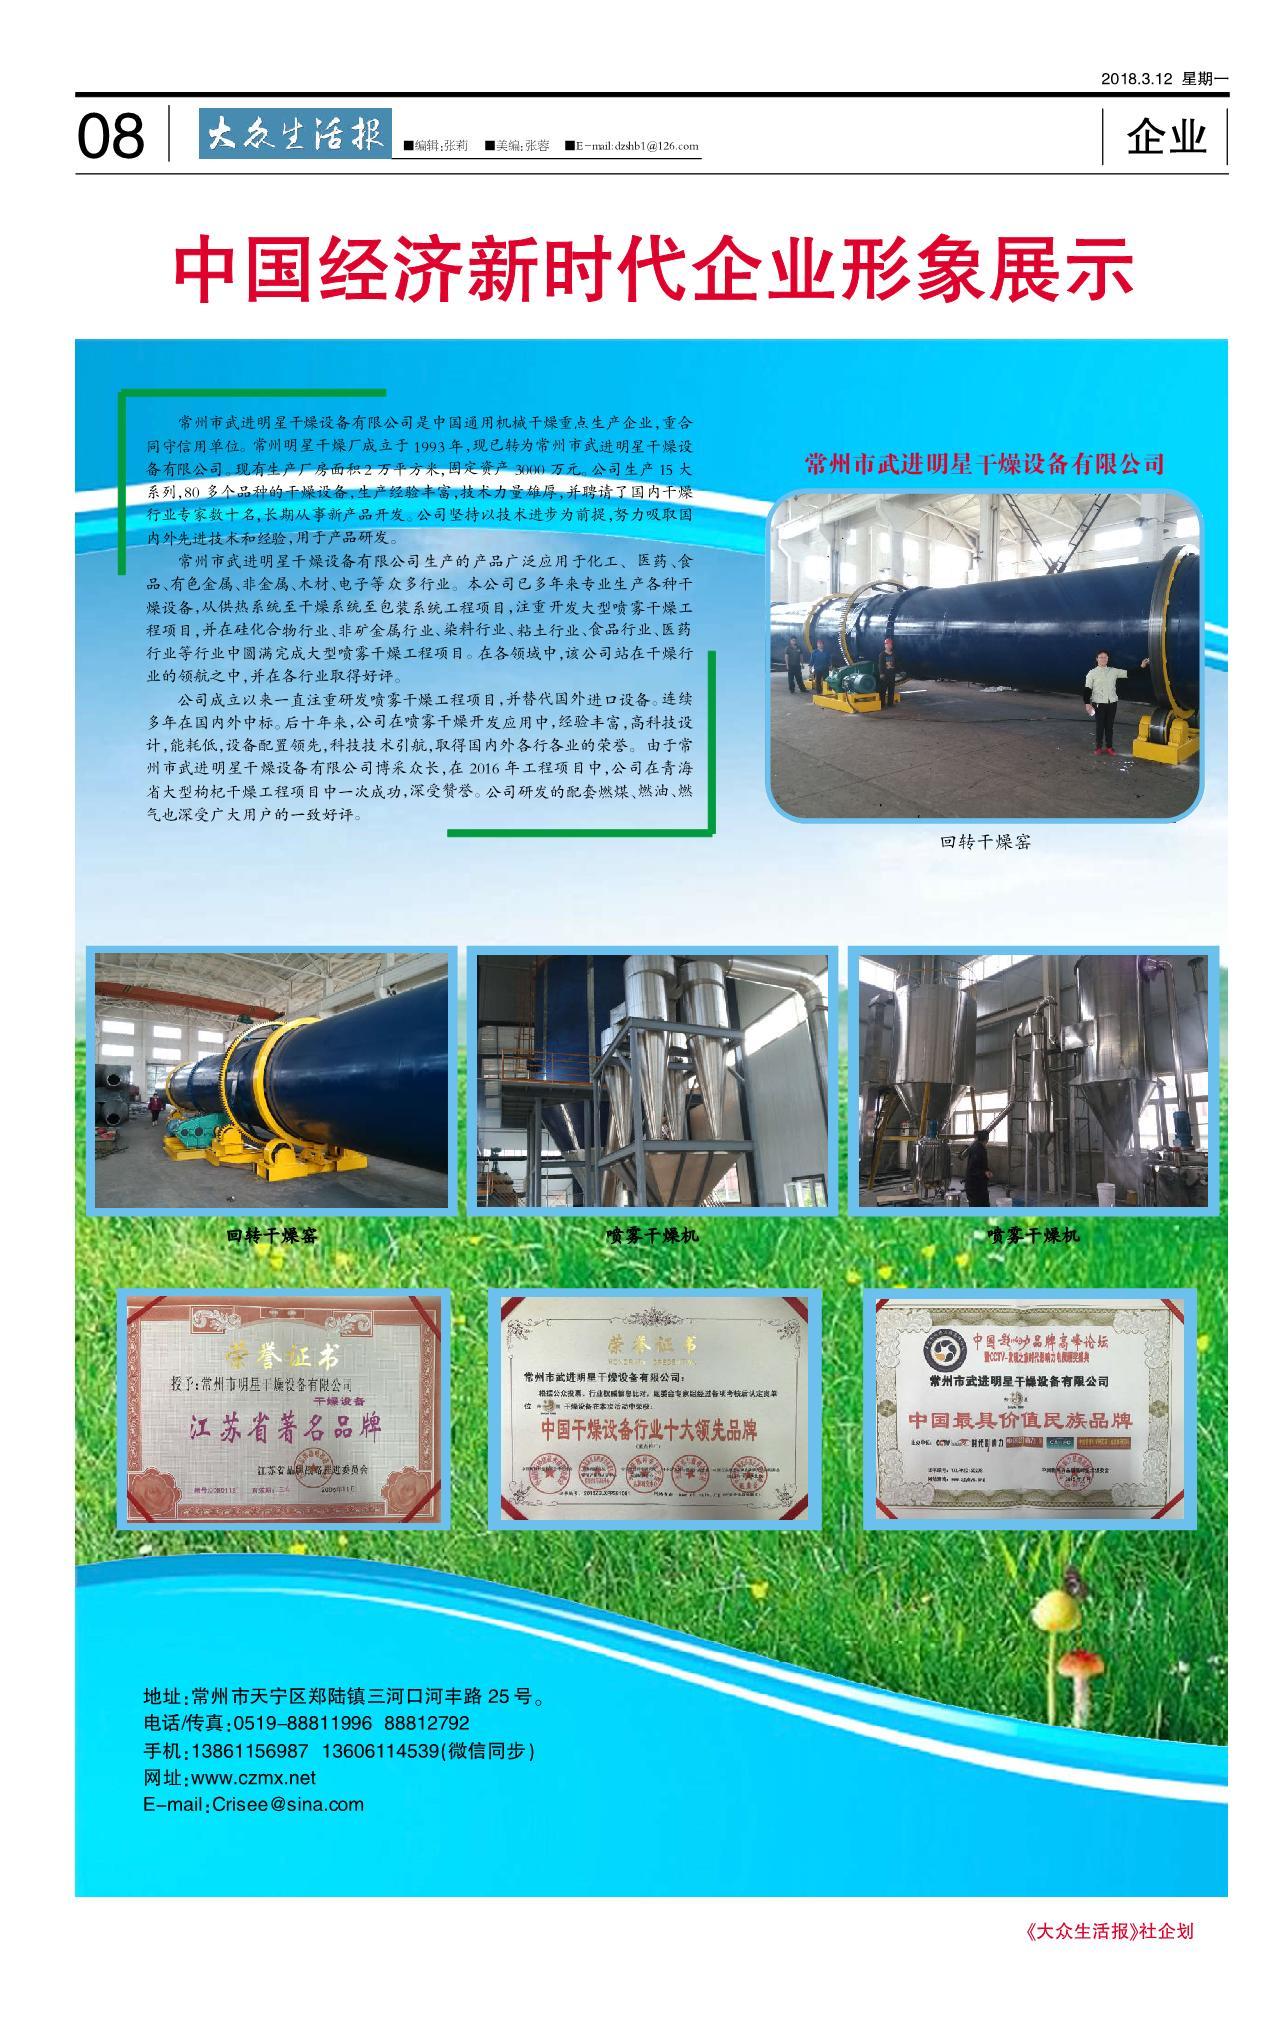 中国经济新时代企业形象展示: 常州市武进明星干燥设备有限公司